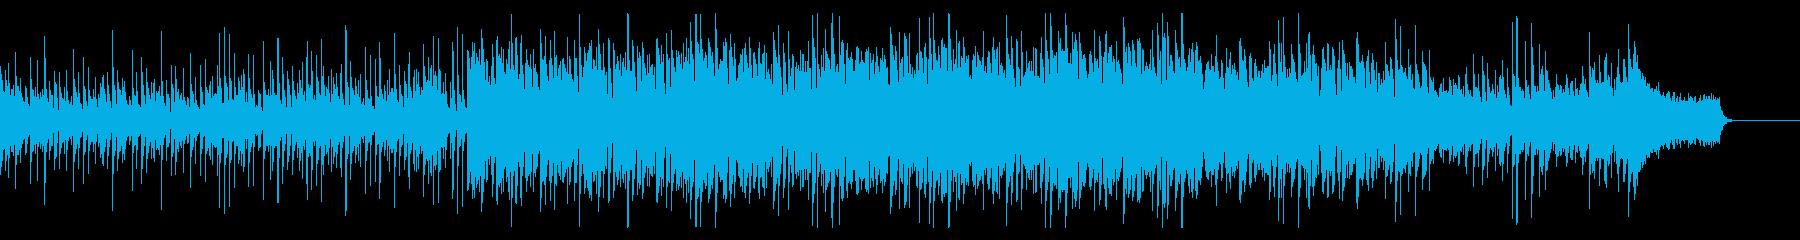 エレクトロなピアノの楽曲の再生済みの波形